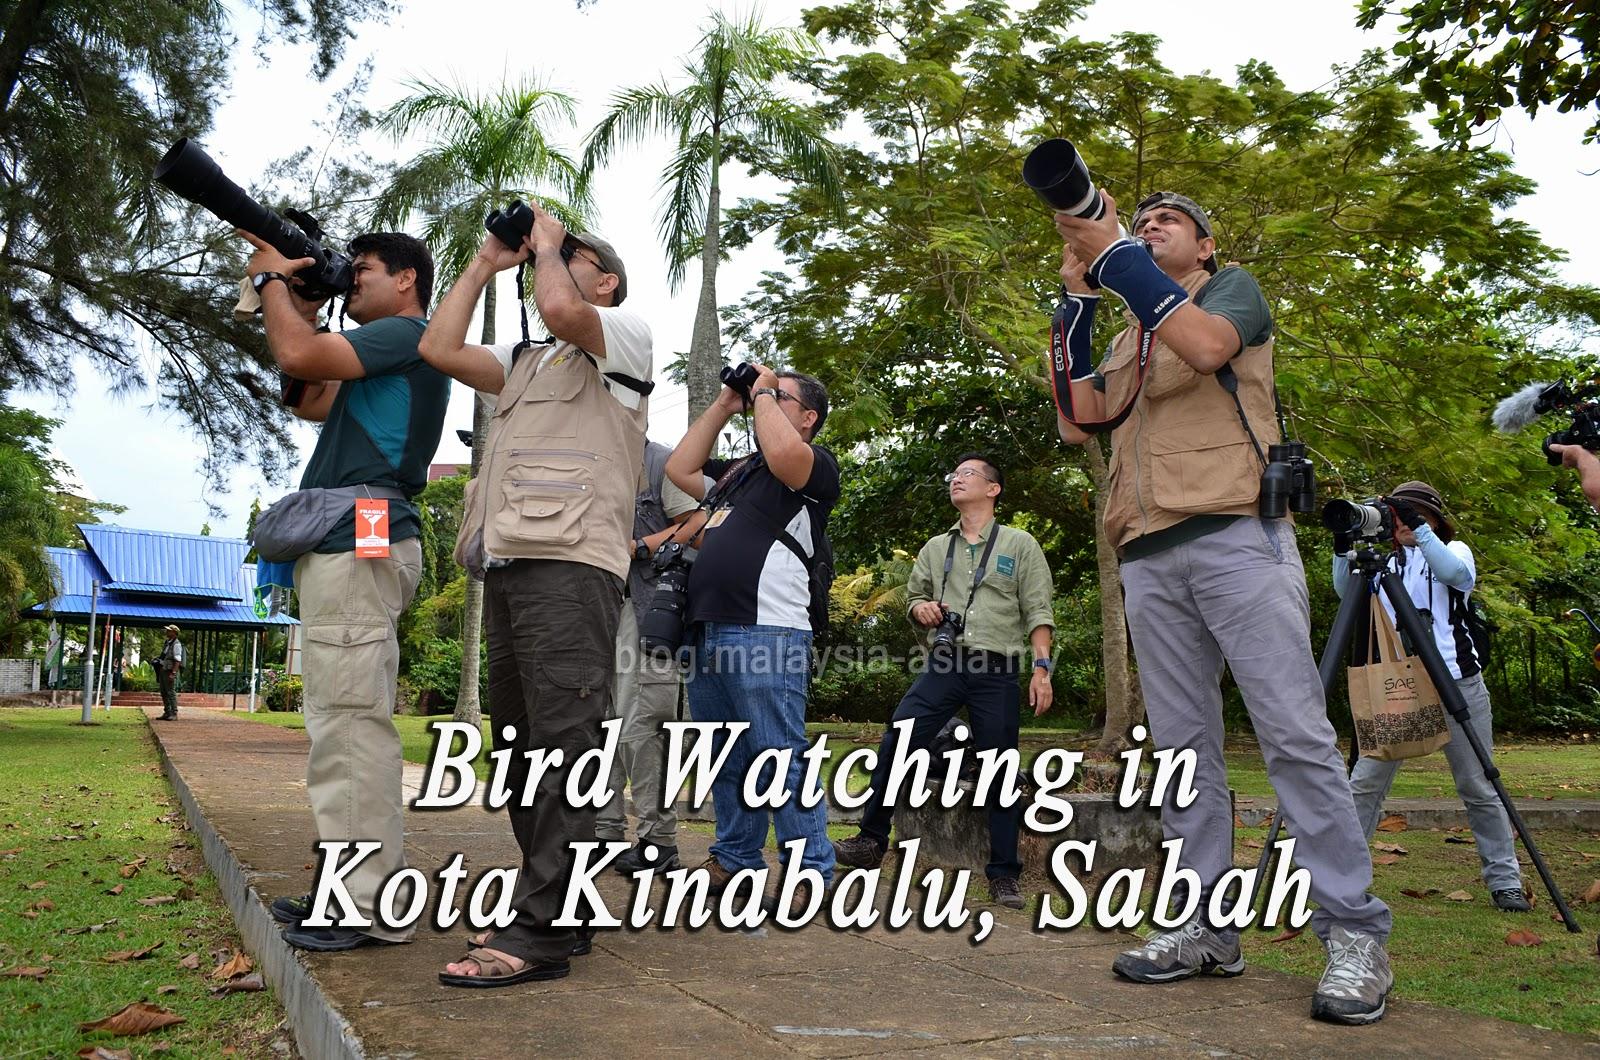 Bird Watching in Kota Kinabalu Sabah